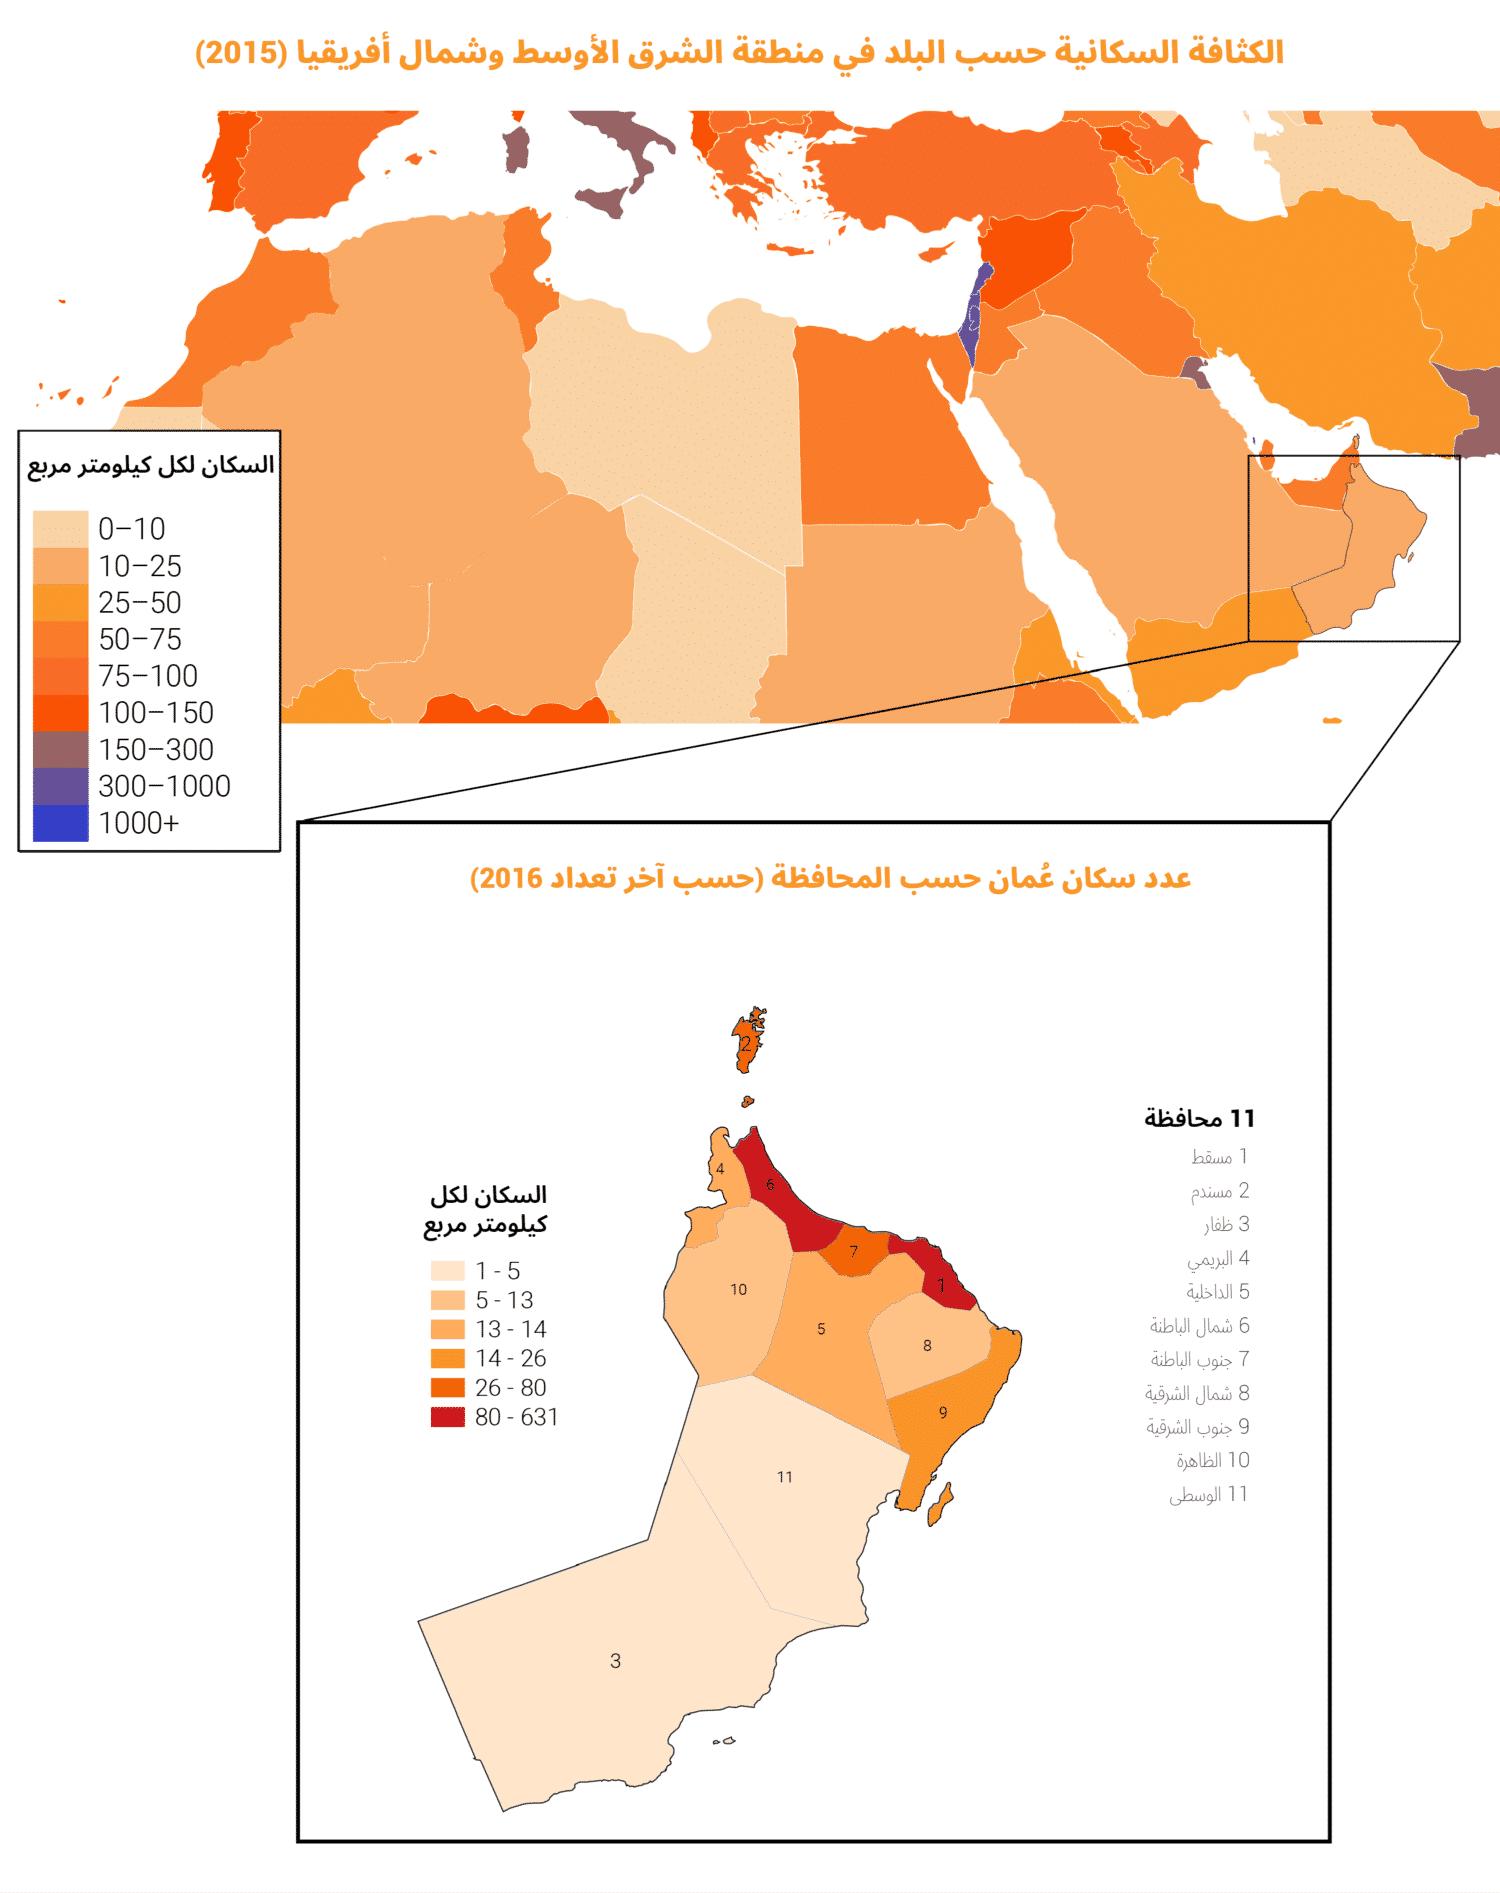 الكثافة السكانية في عُمان